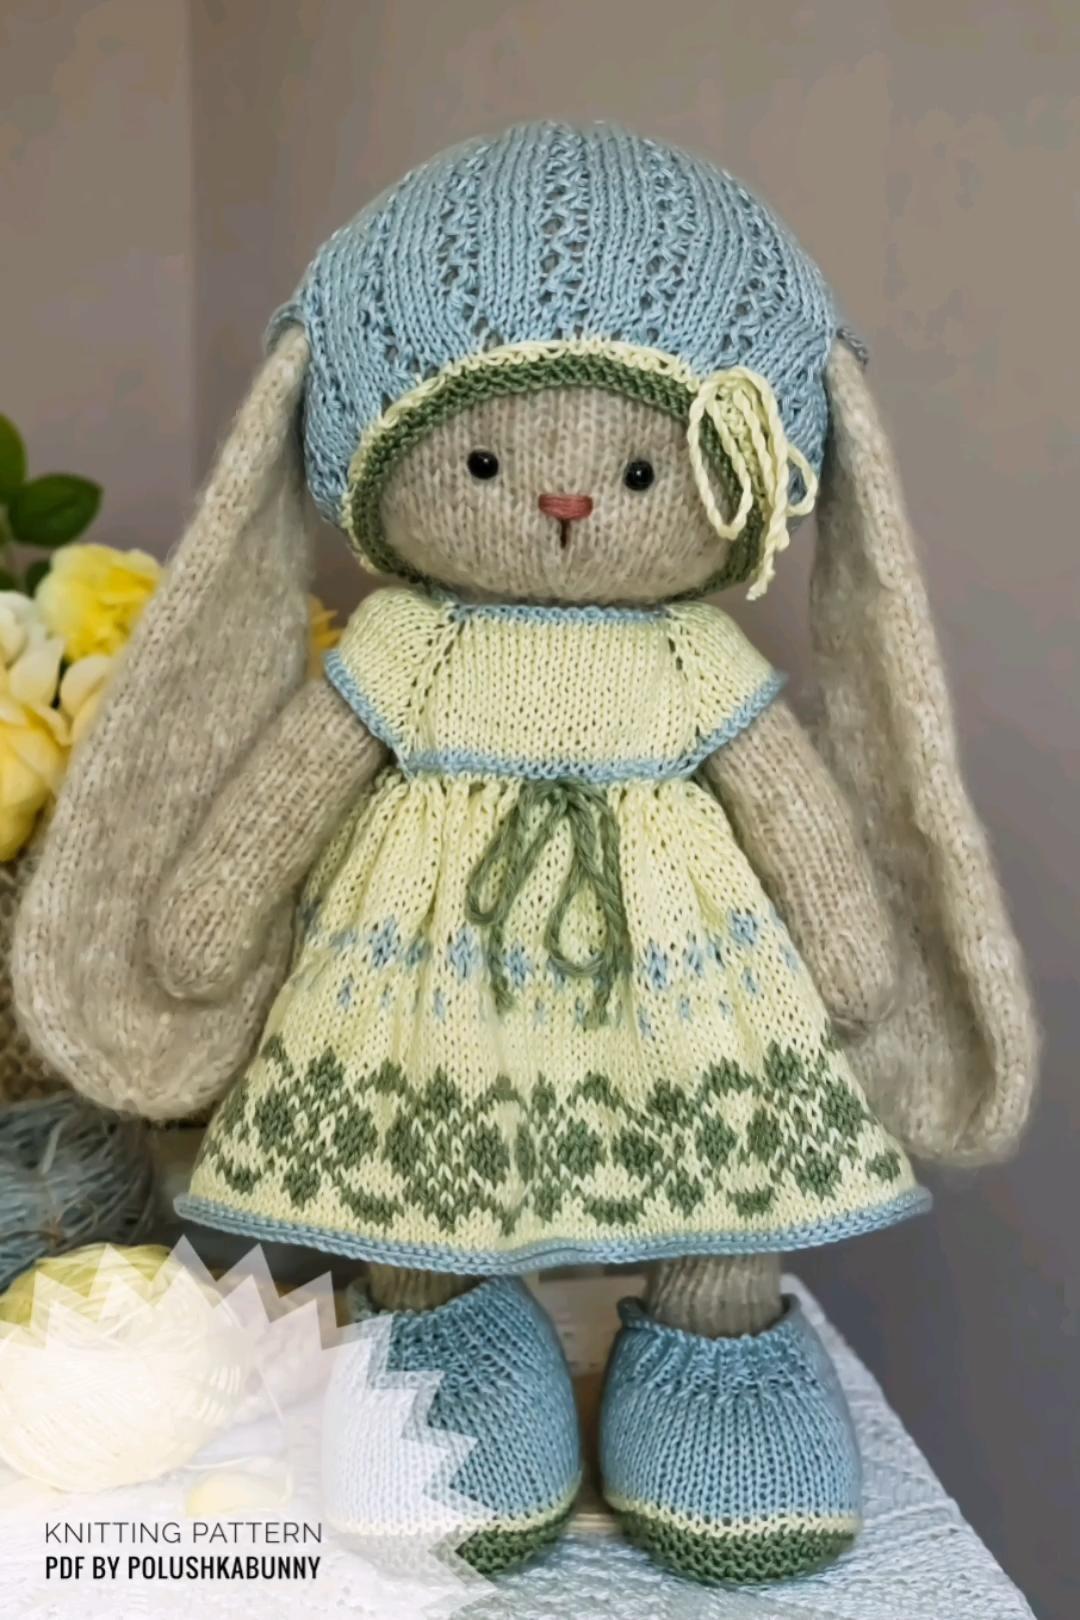 Photo of Strickmuster Hübsches Outfit Stricken zu Ostern von Polushkabunny #easter #bunny #pattern #craft